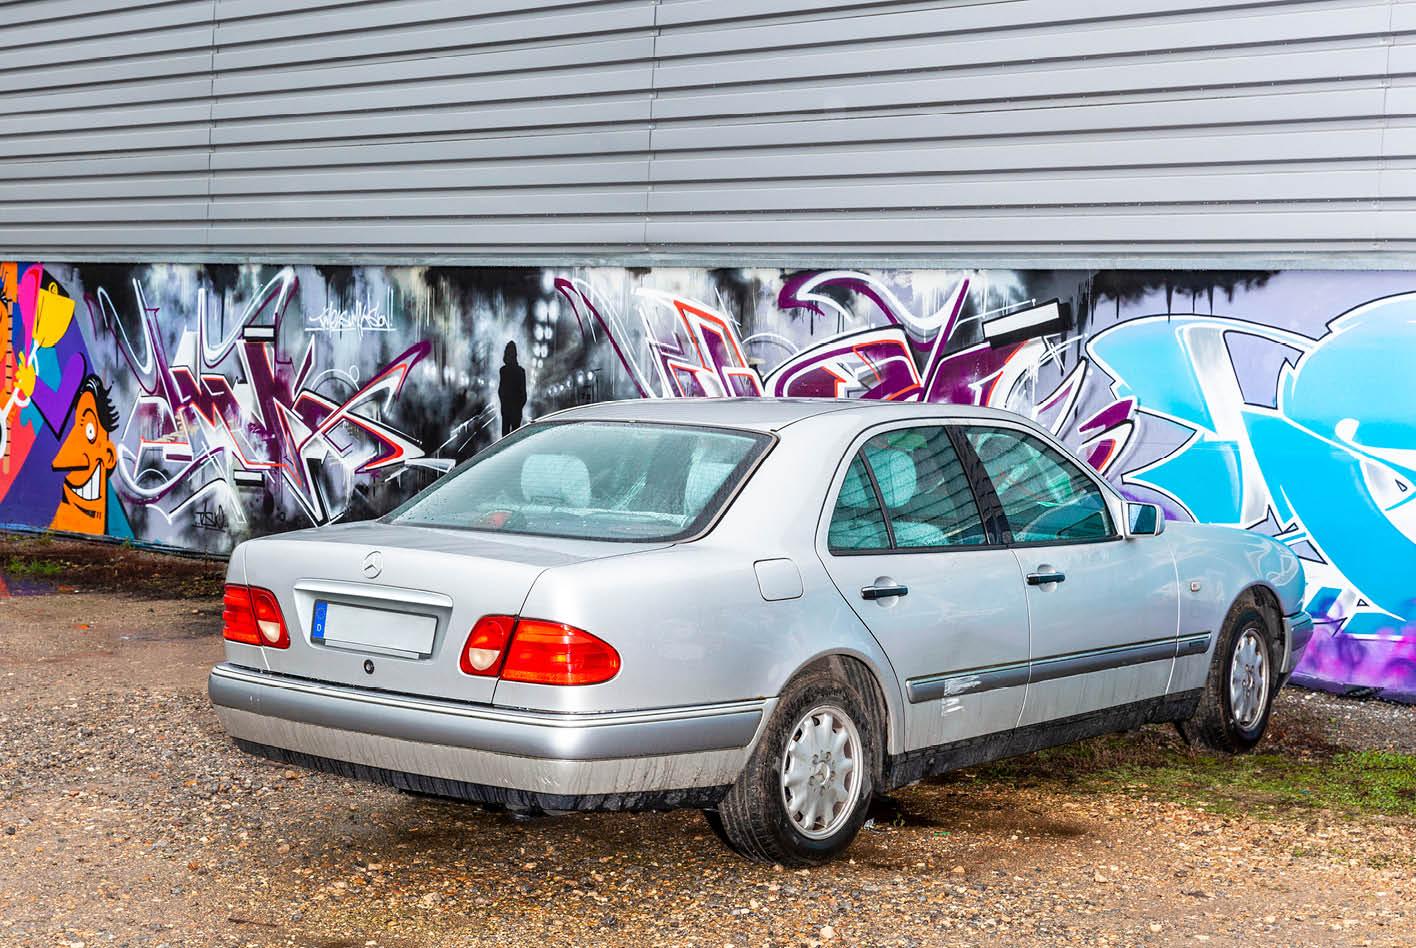 Unbuntes Auto trifft auf bunte Wand. Bei Autofarben geht der Trend zu mehr Grau, Schwarz und Weiß.